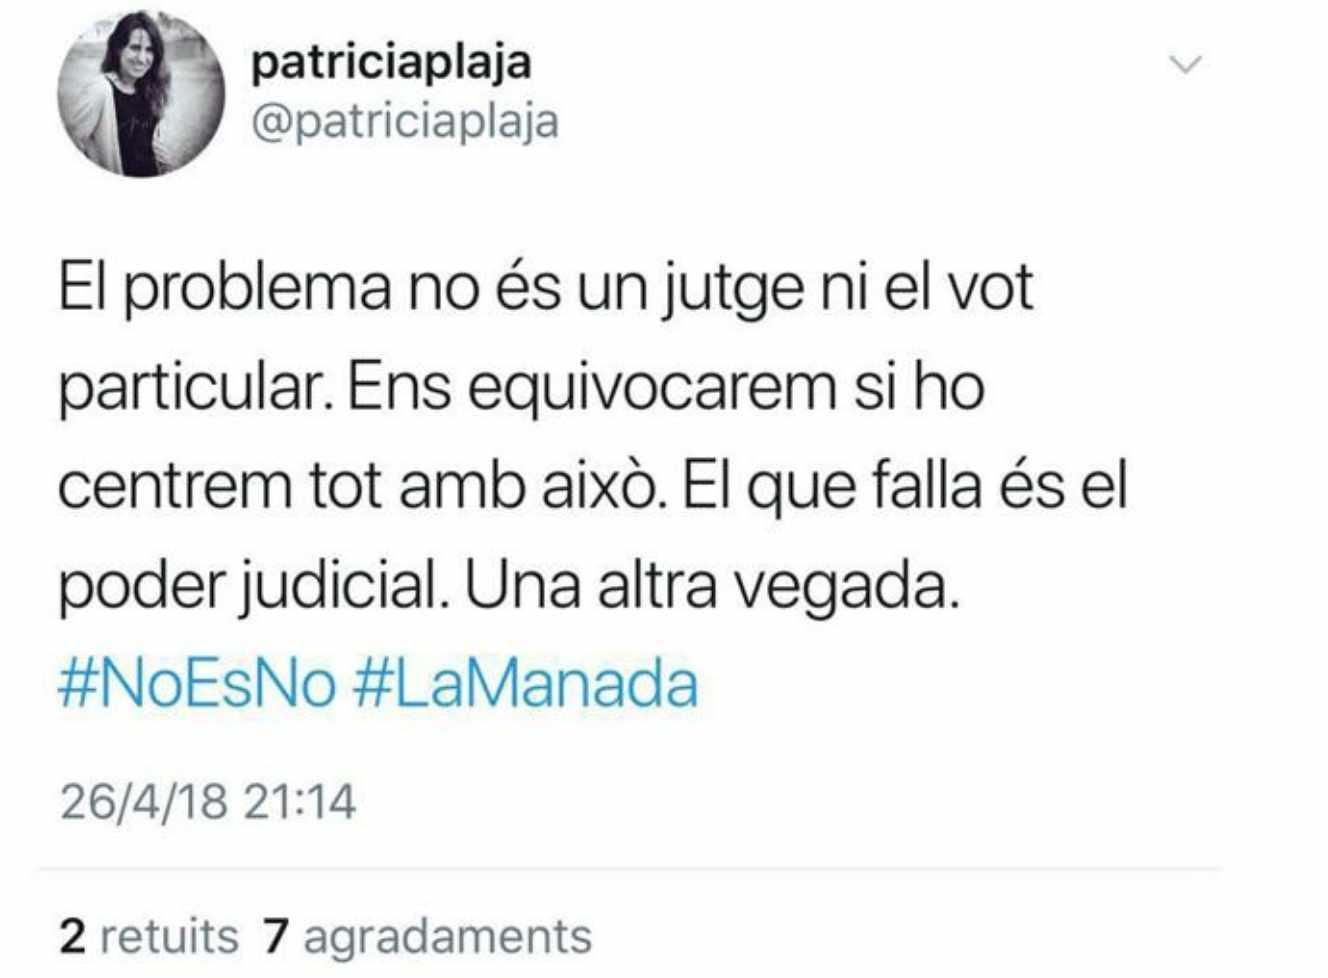 El tweet que ha provocado la destitución de la jefa de prensa de los Mossos, Patricia Plaja.